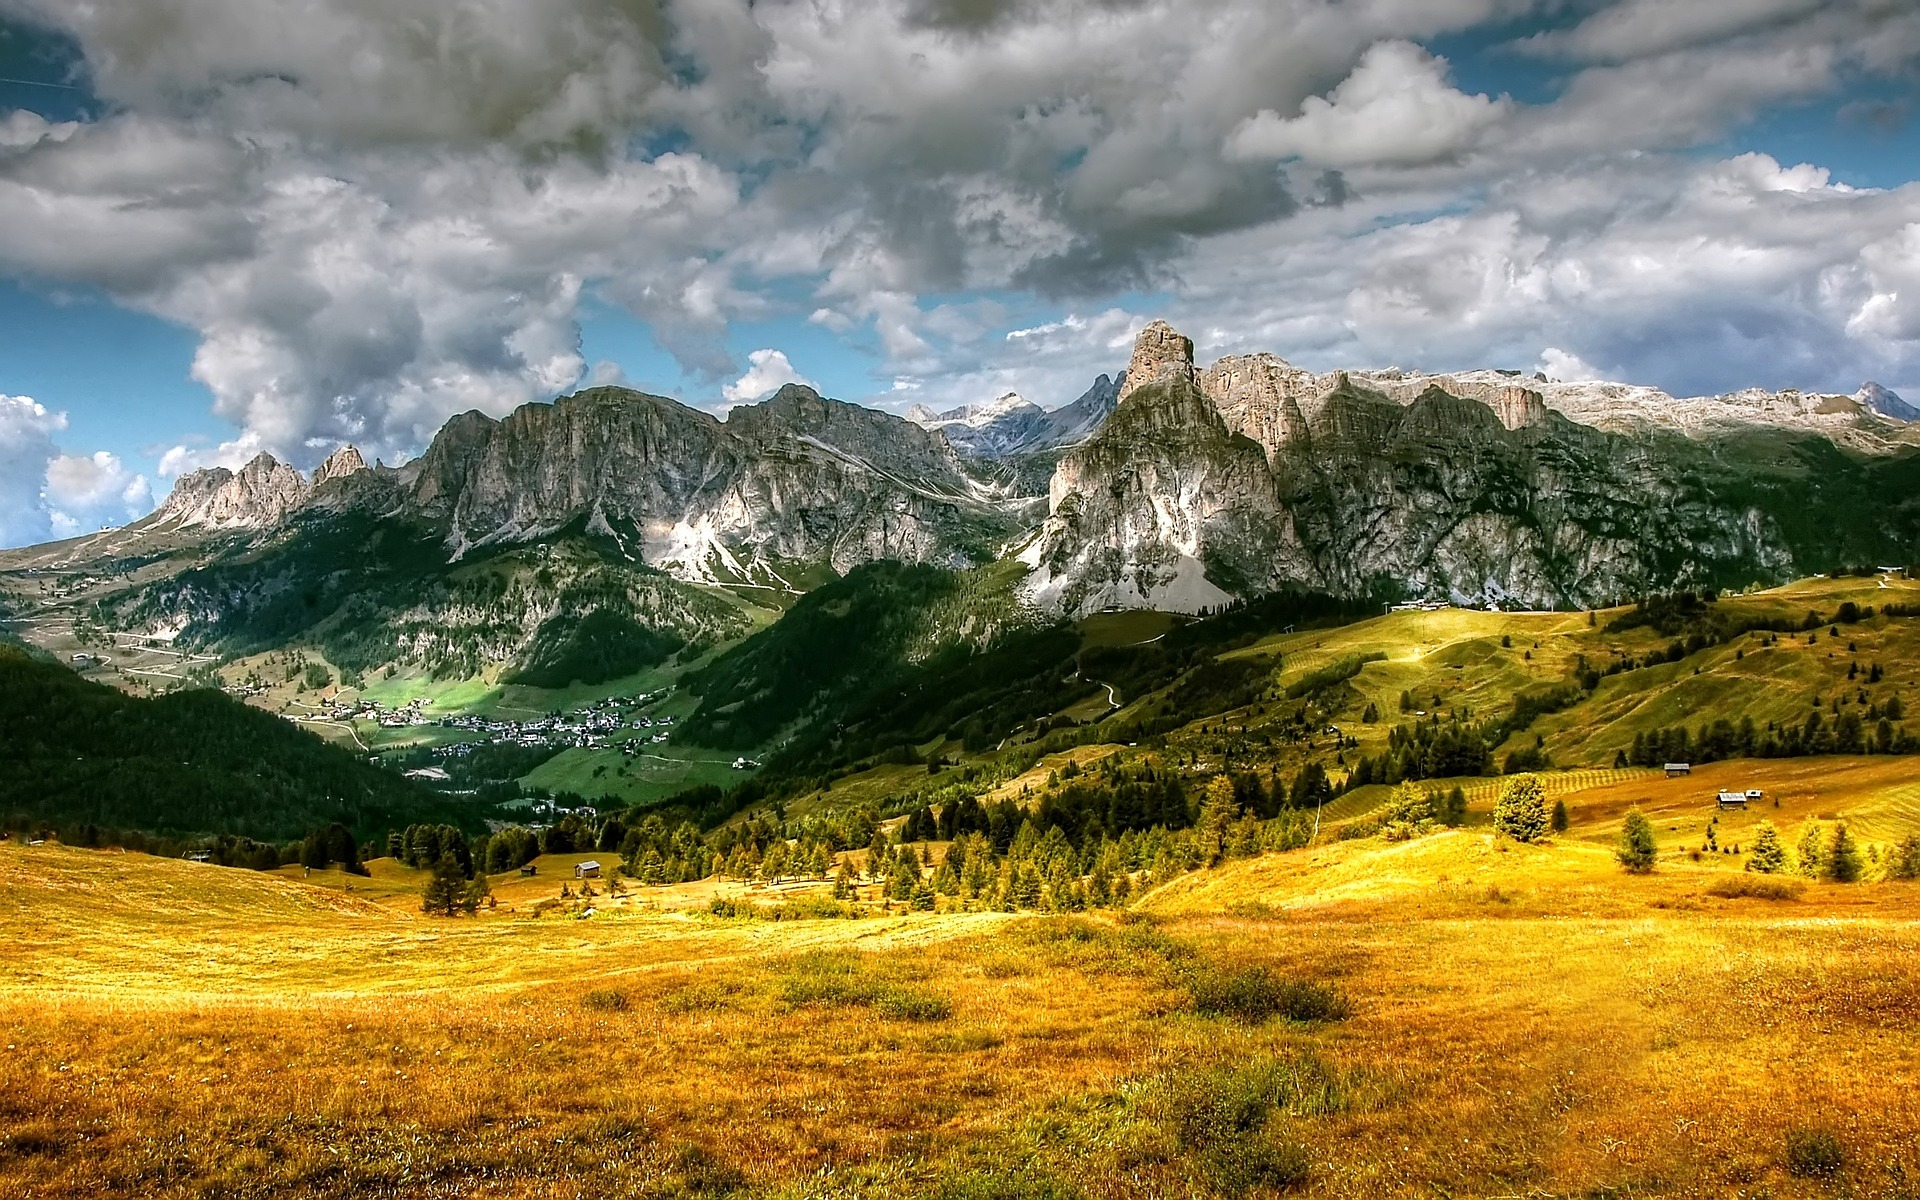 Parchi nazionali da visitare in autunno